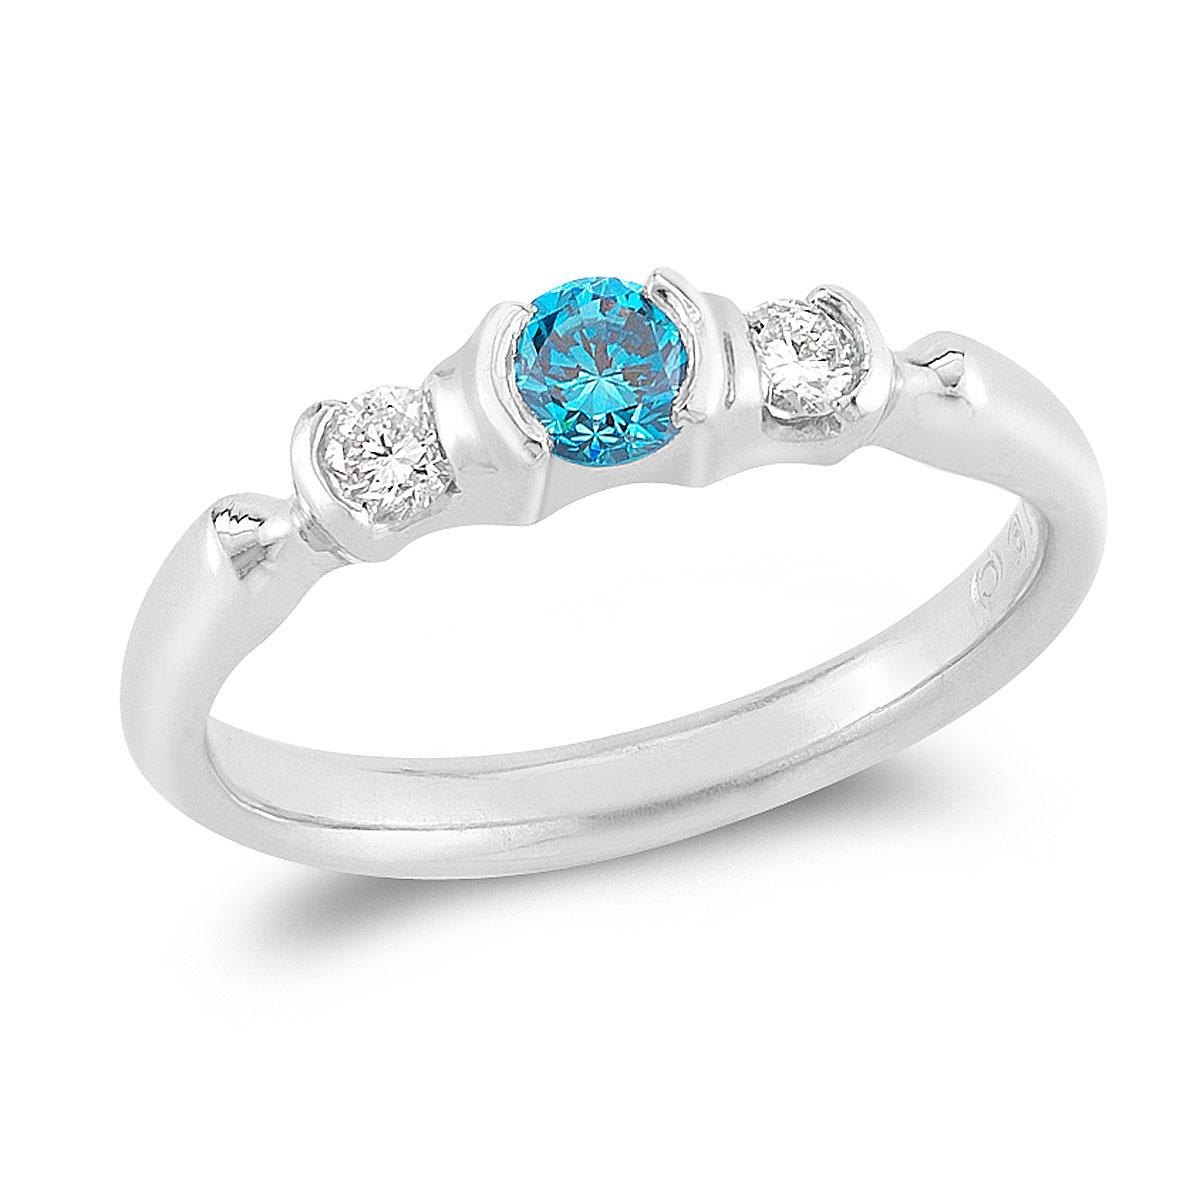 WR0213 Three Stone Fashion Ring